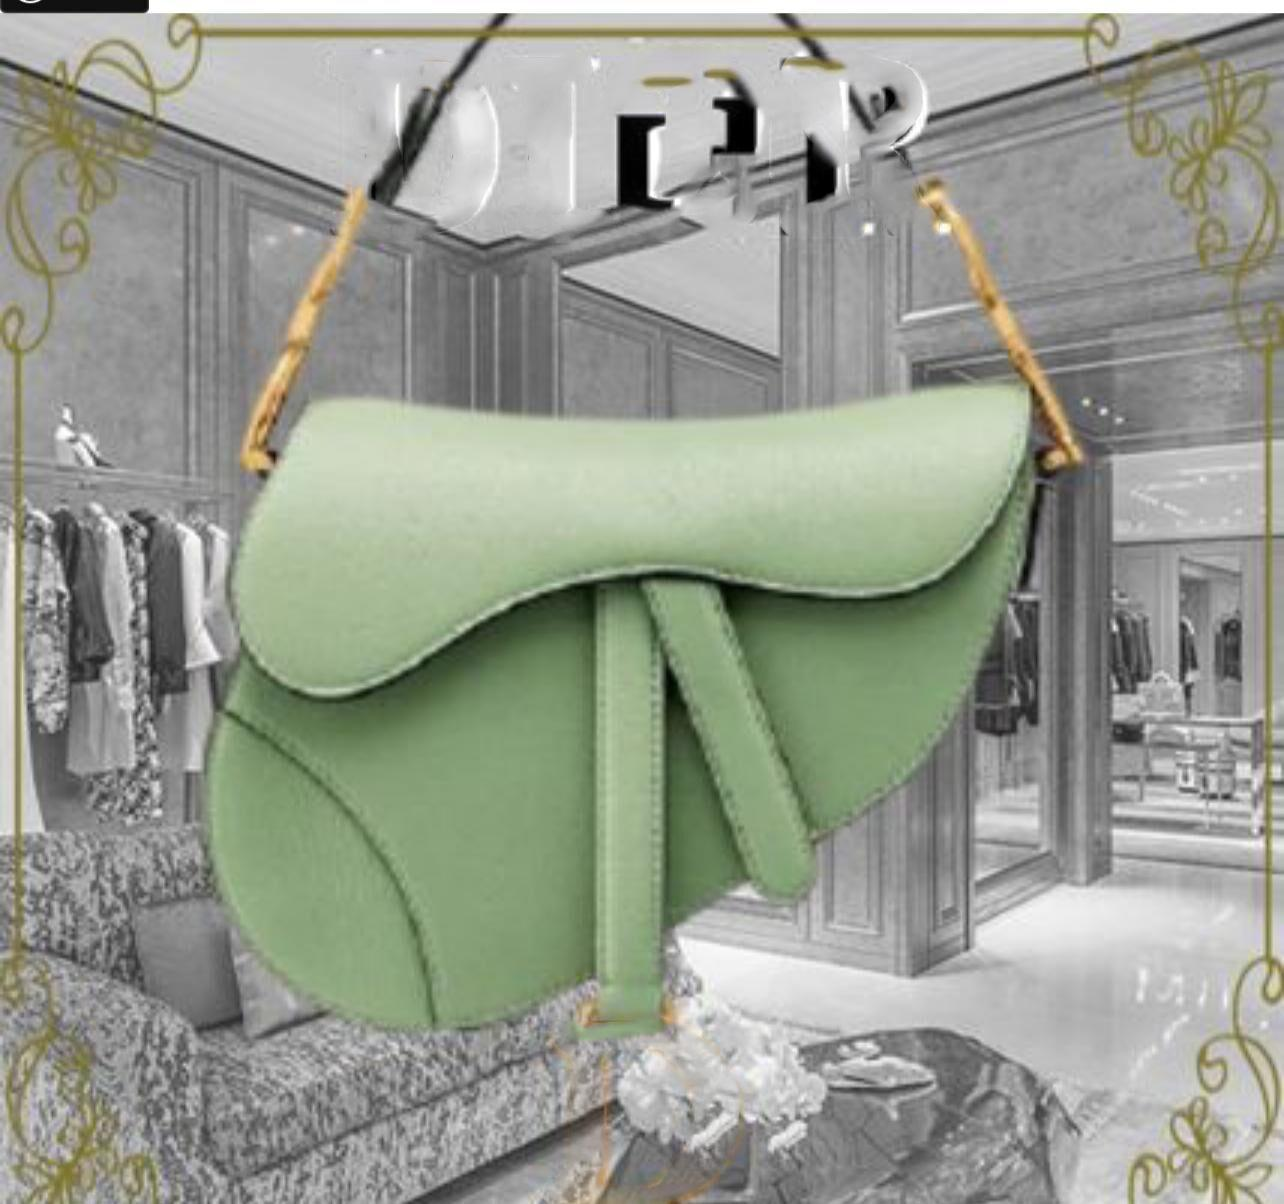 패션 여성 디자이너 클래식 숙 녀 숄더 가방 크로스 바디 가방 고품질 정품 가죽 메신저 가방 안장 가방 편지 핸드백